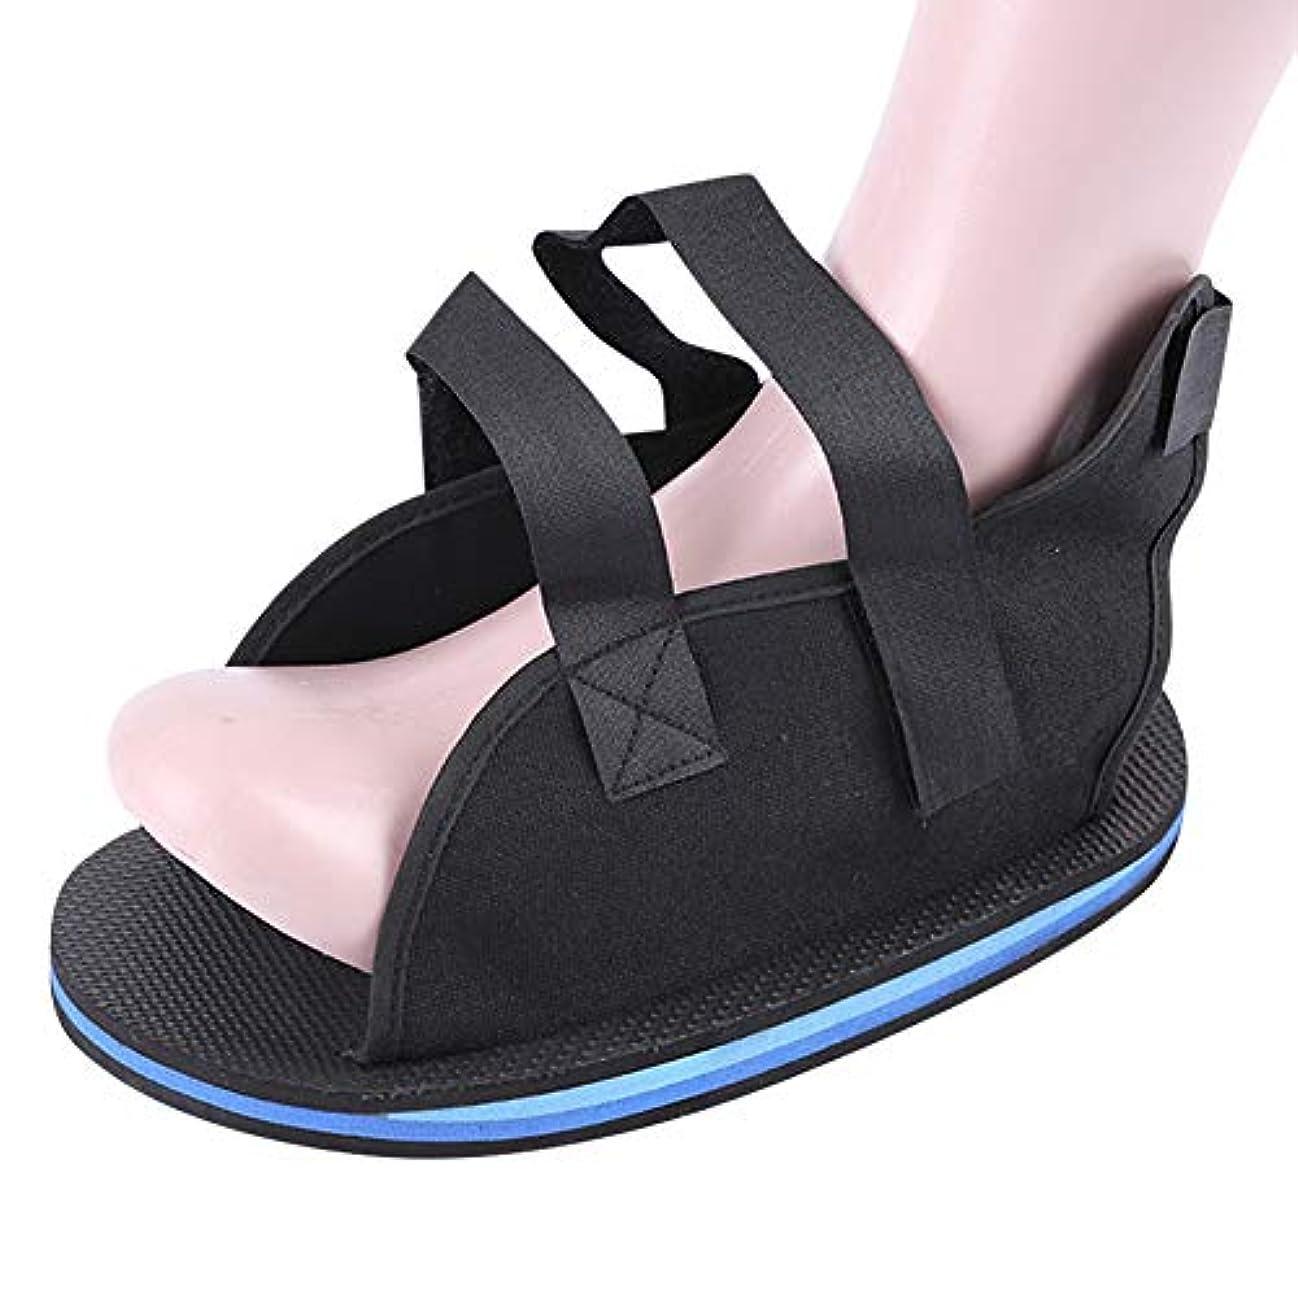 バンジョー混合した逆説uirendjsf 術後石膏靴 - 石膏靴 足骨折 靴カバー 保護足 リハビリテーション 手術靴